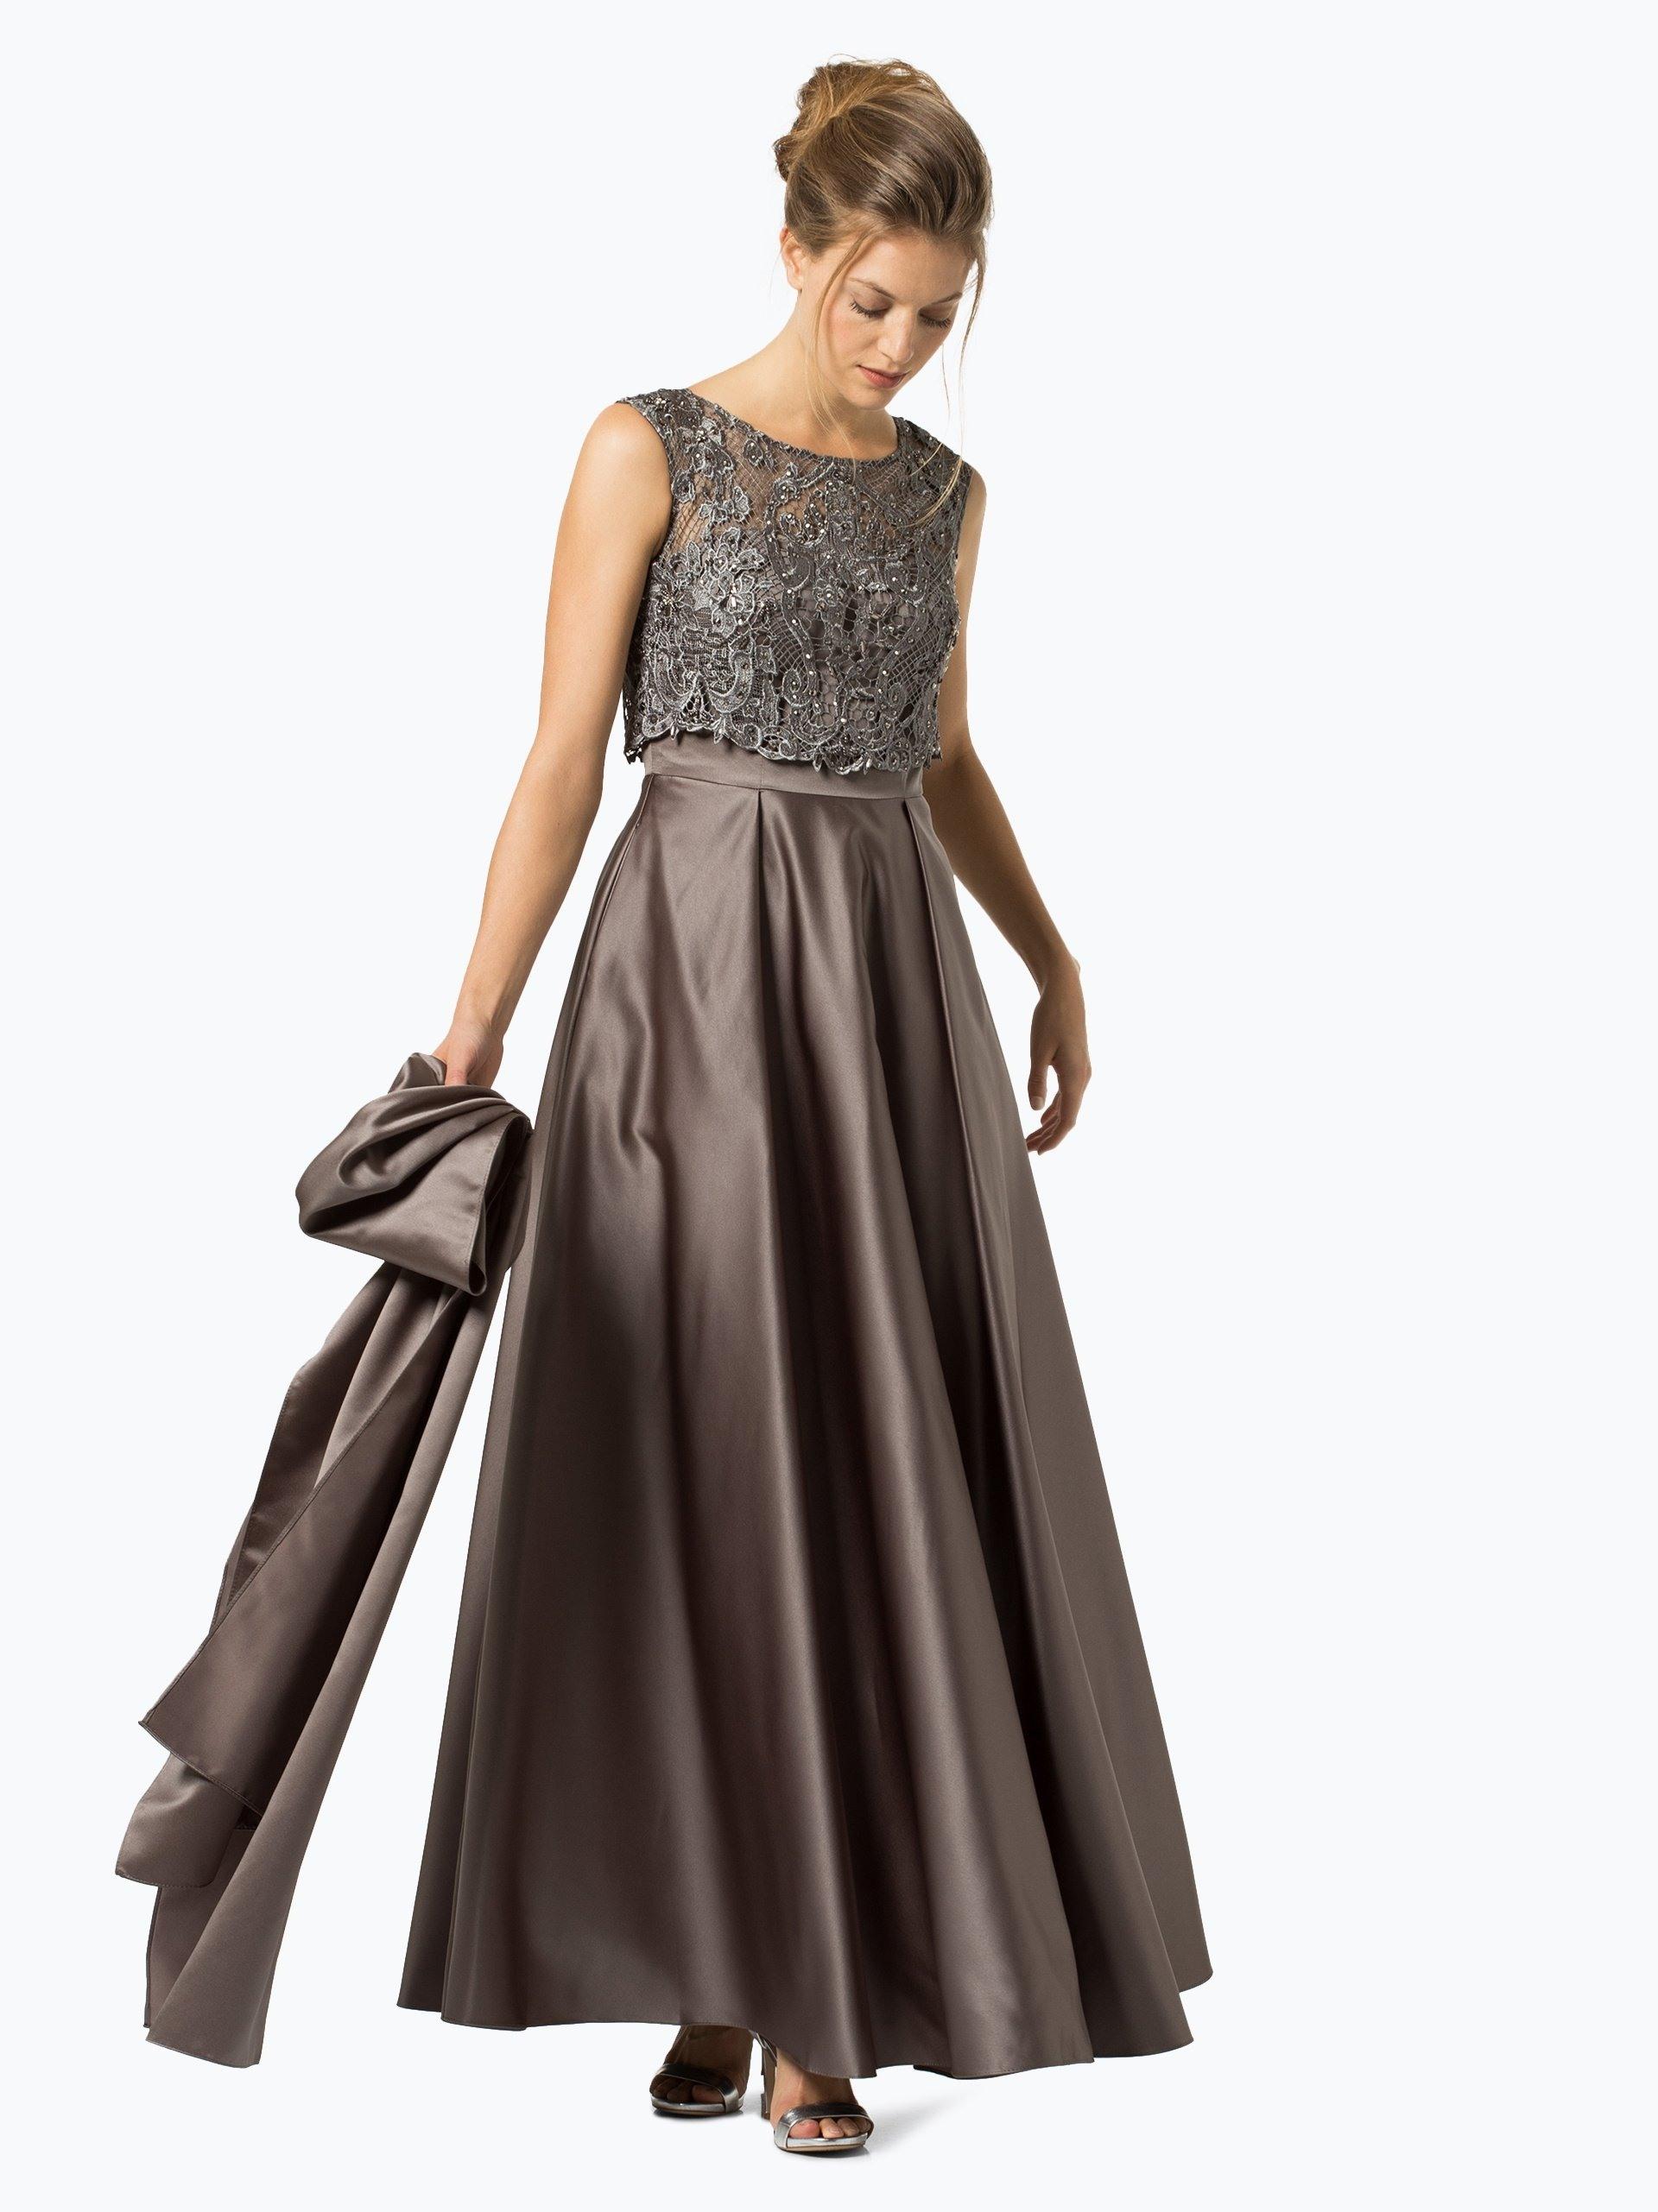 20 Einfach Damen Abendkleider Vertrieb15 Elegant Damen Abendkleider Bester Preis